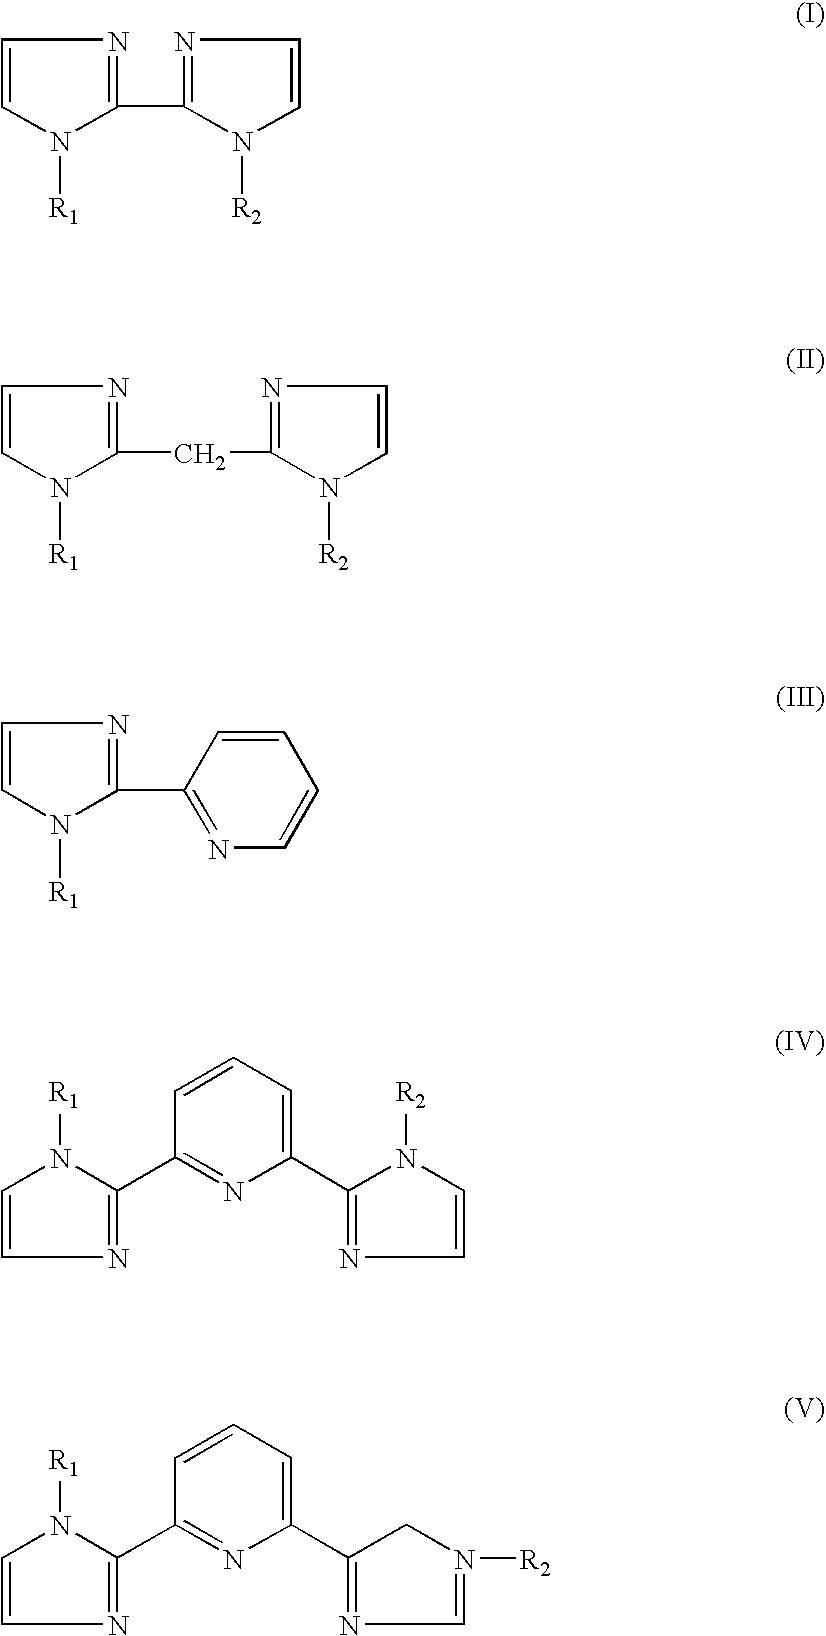 Figure US08163164-20120424-C00001